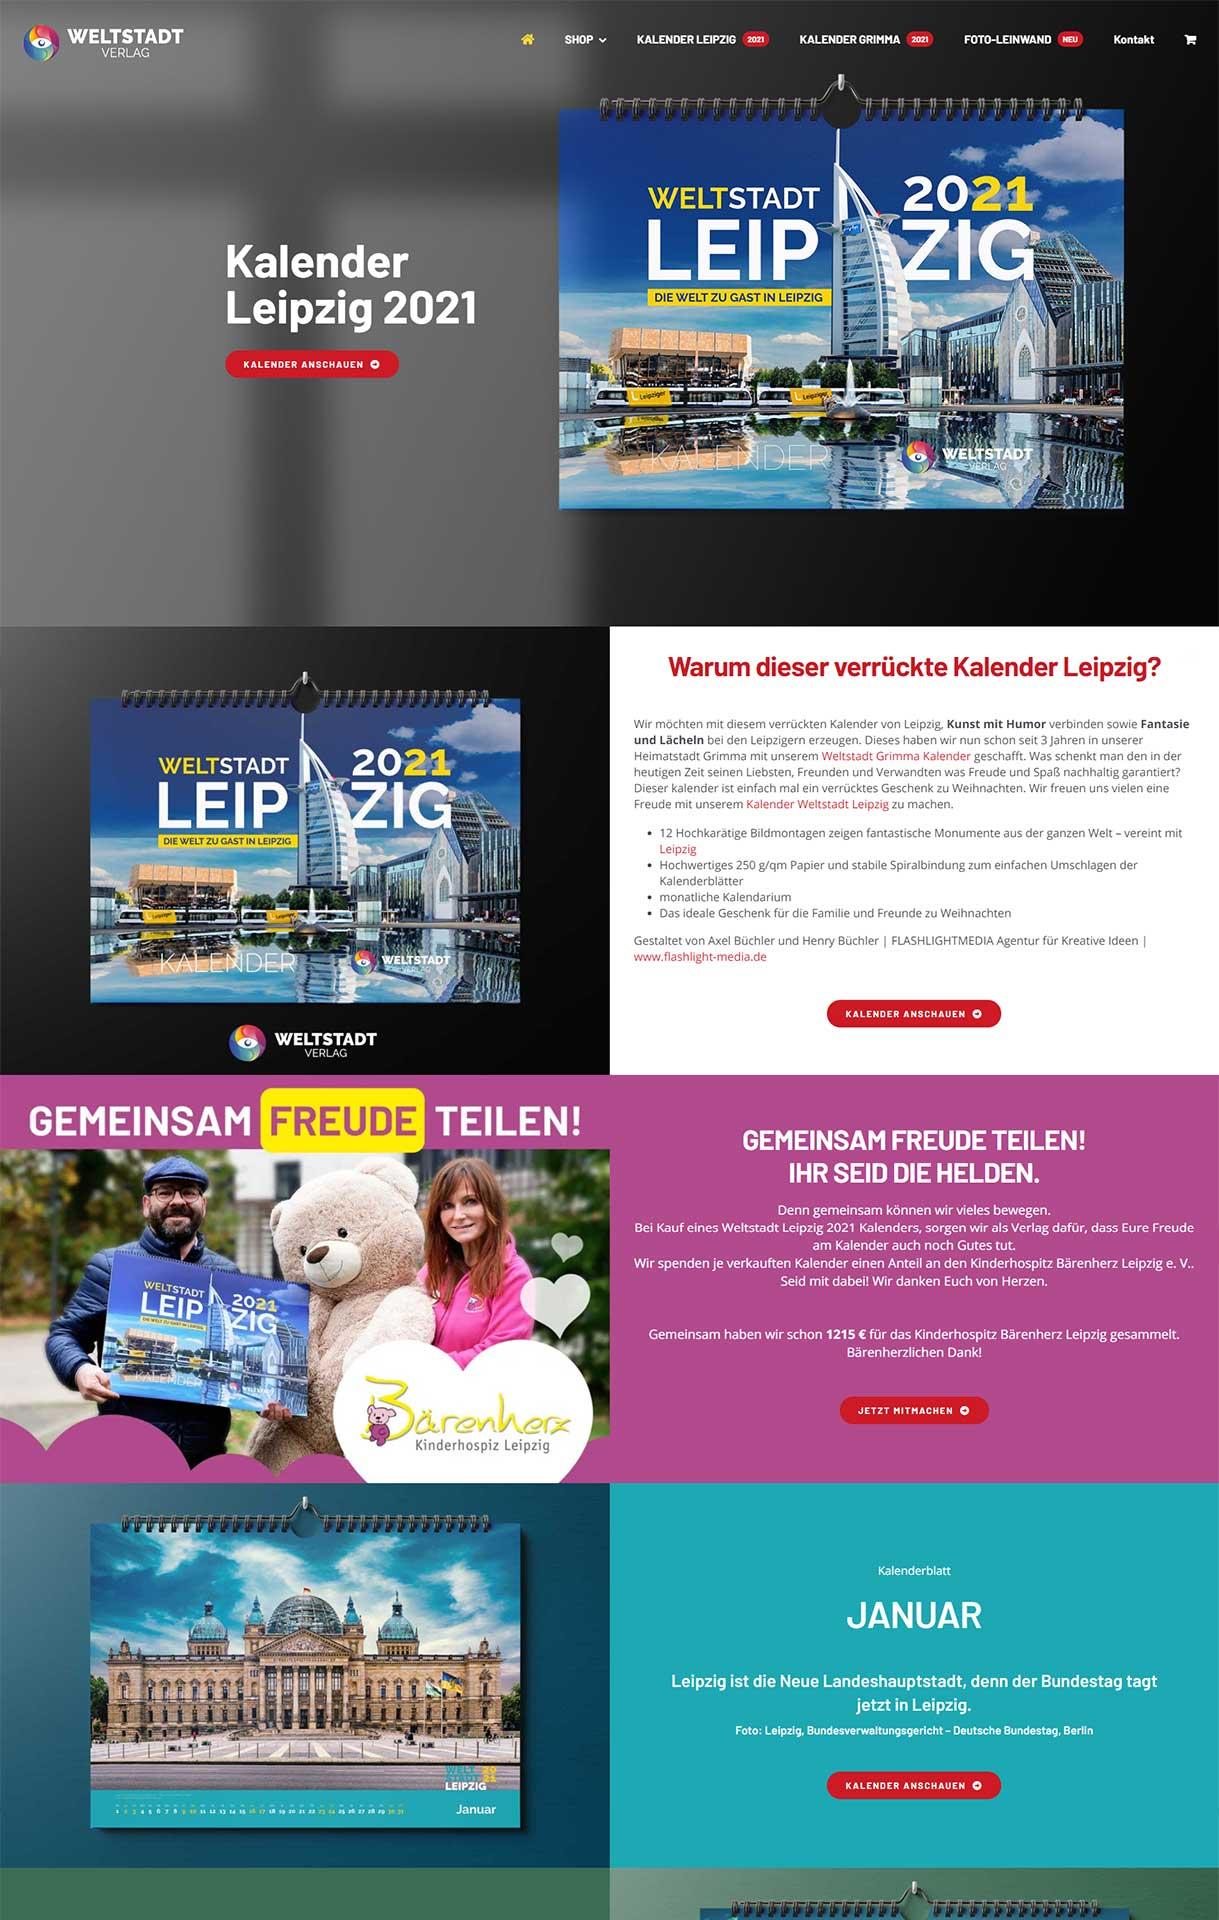 webdesign-flashlightmedia-werbeagentur-leipzig-grimma-startseite-weltstadtverlag-onlineshop